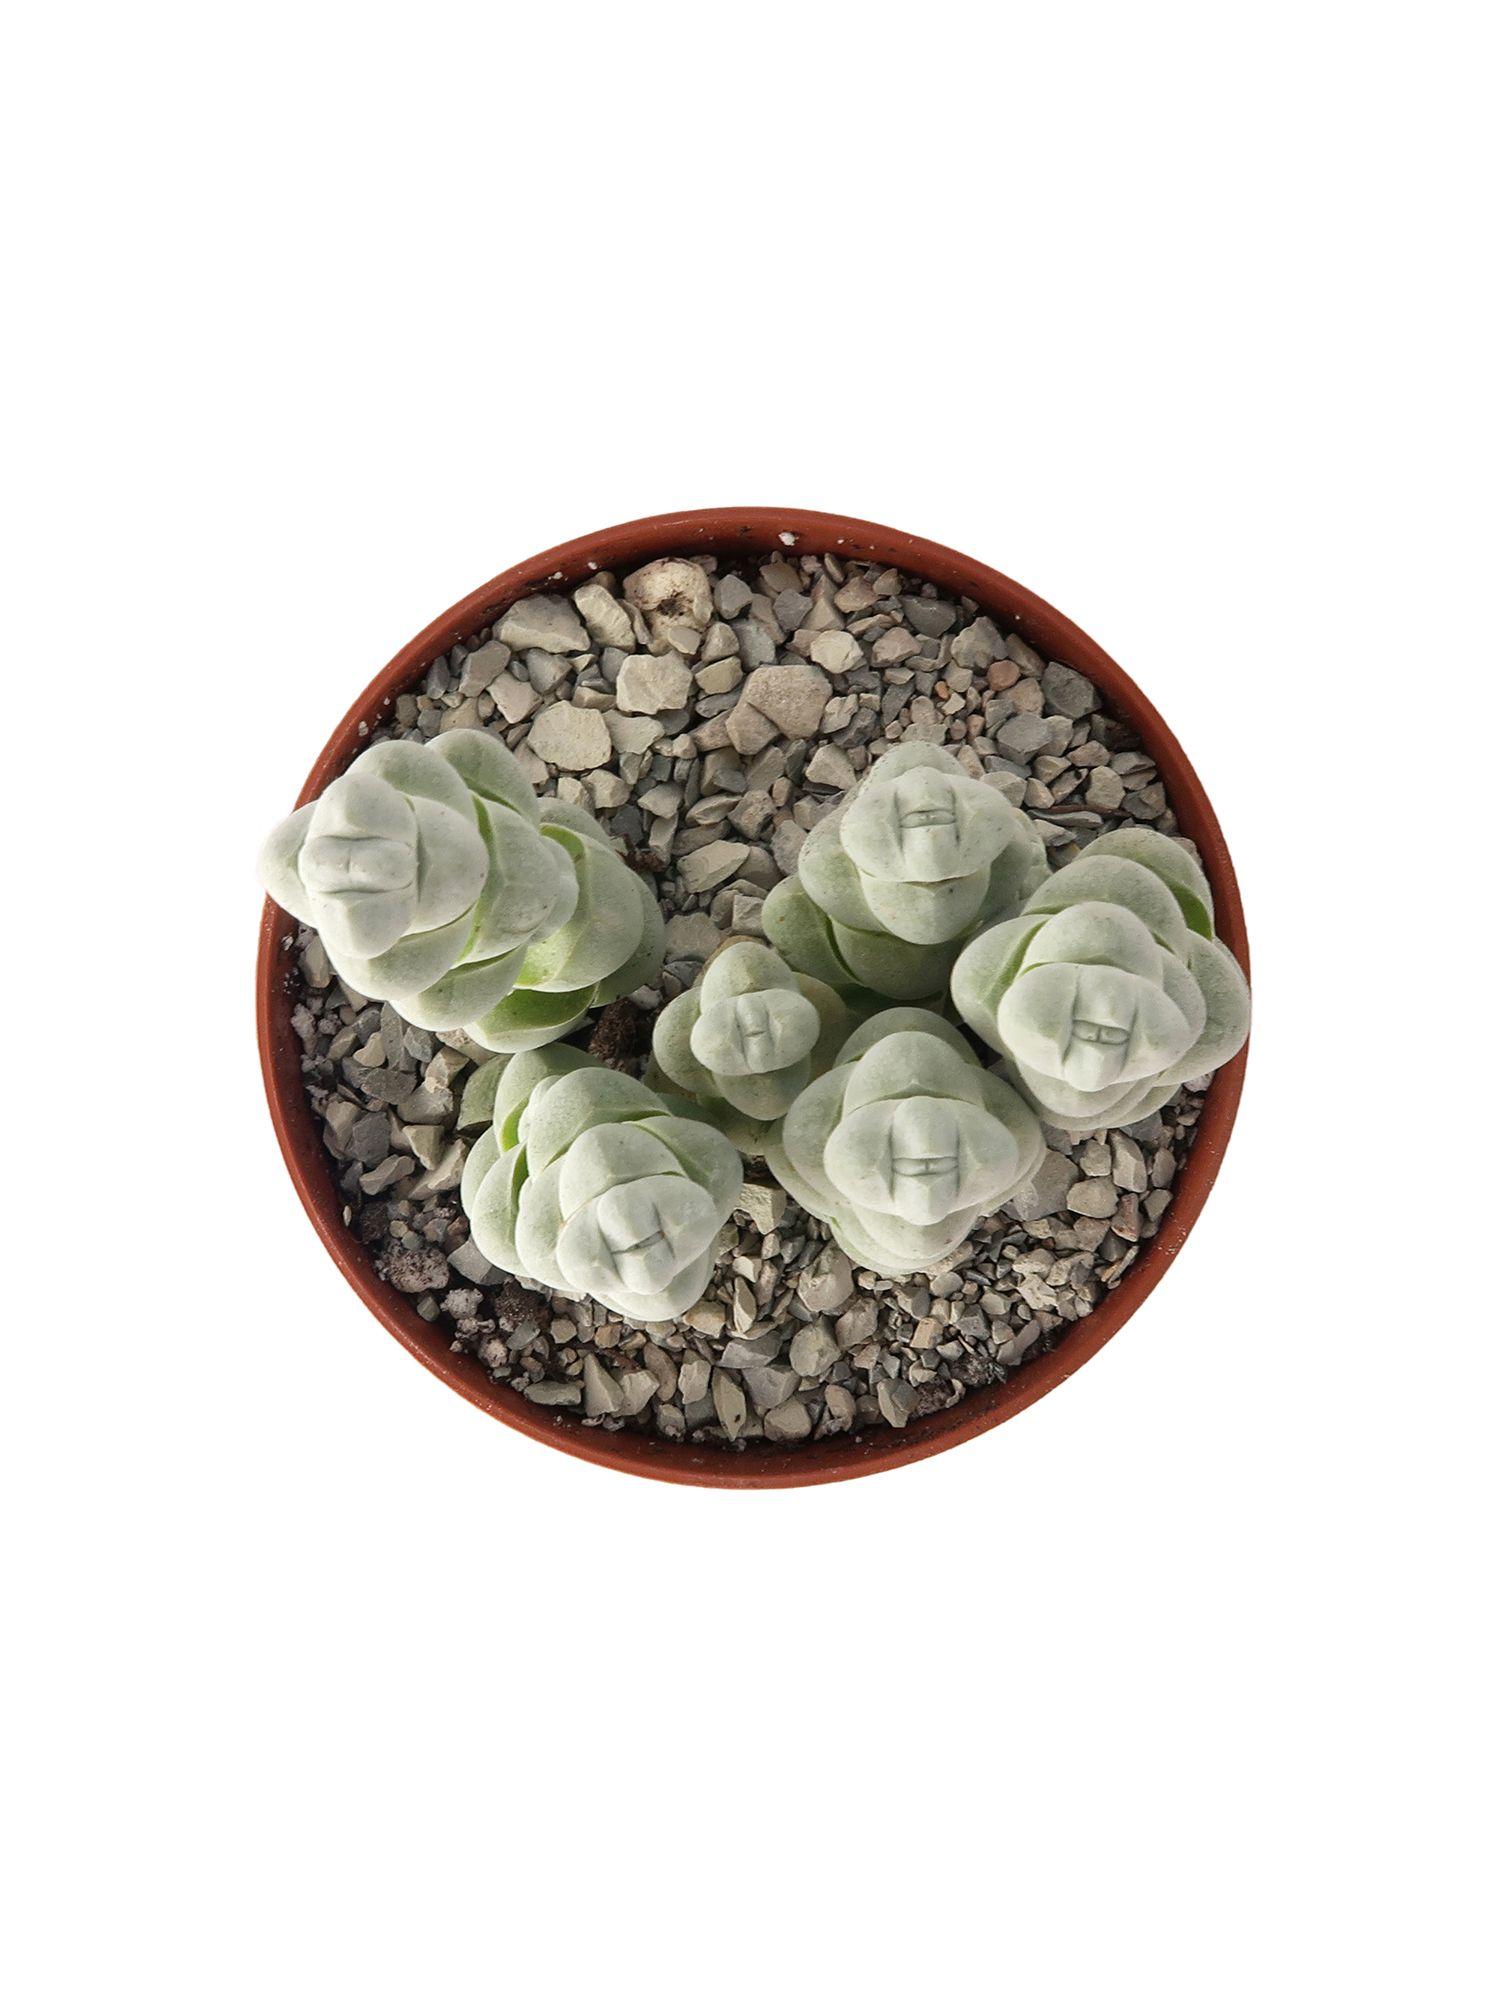 Крассула (толстянка) обманчивая (Crassula deceptor)